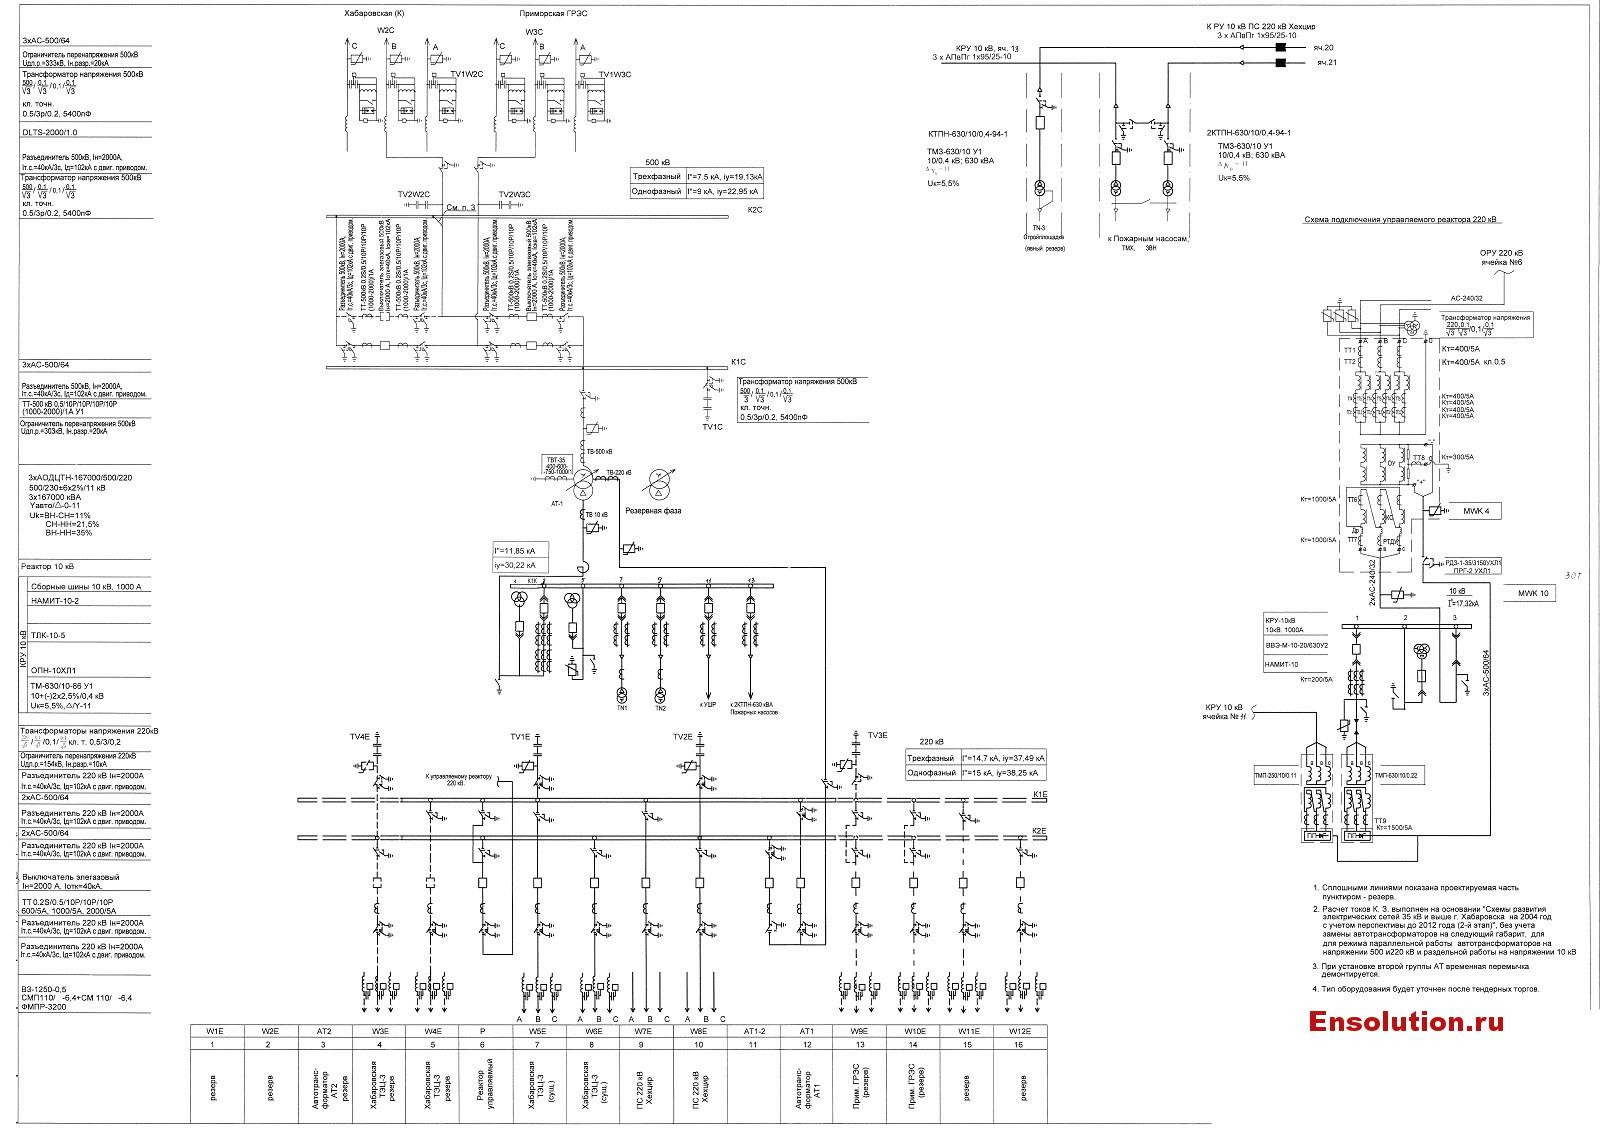 Главная электрическая схема ПС 500 кВ Хехцир rev.1